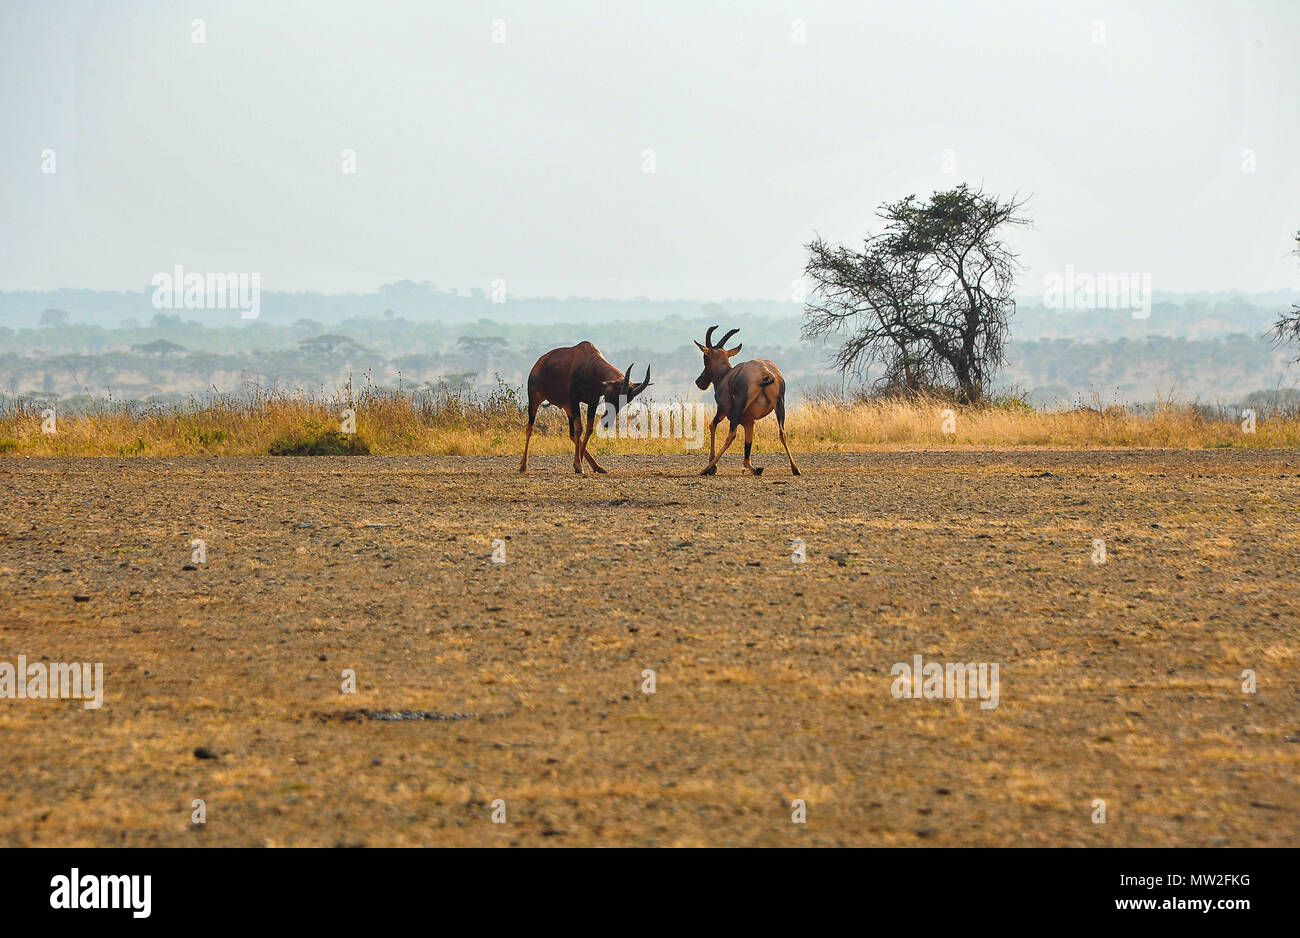 Topi (Damaliscus lunatus jimela Antilopen) Kampf um Territorium in einem afrikanischen Landschaft. Zwei junge Männer Kraftprobe auf Trockenrasen Stockfoto